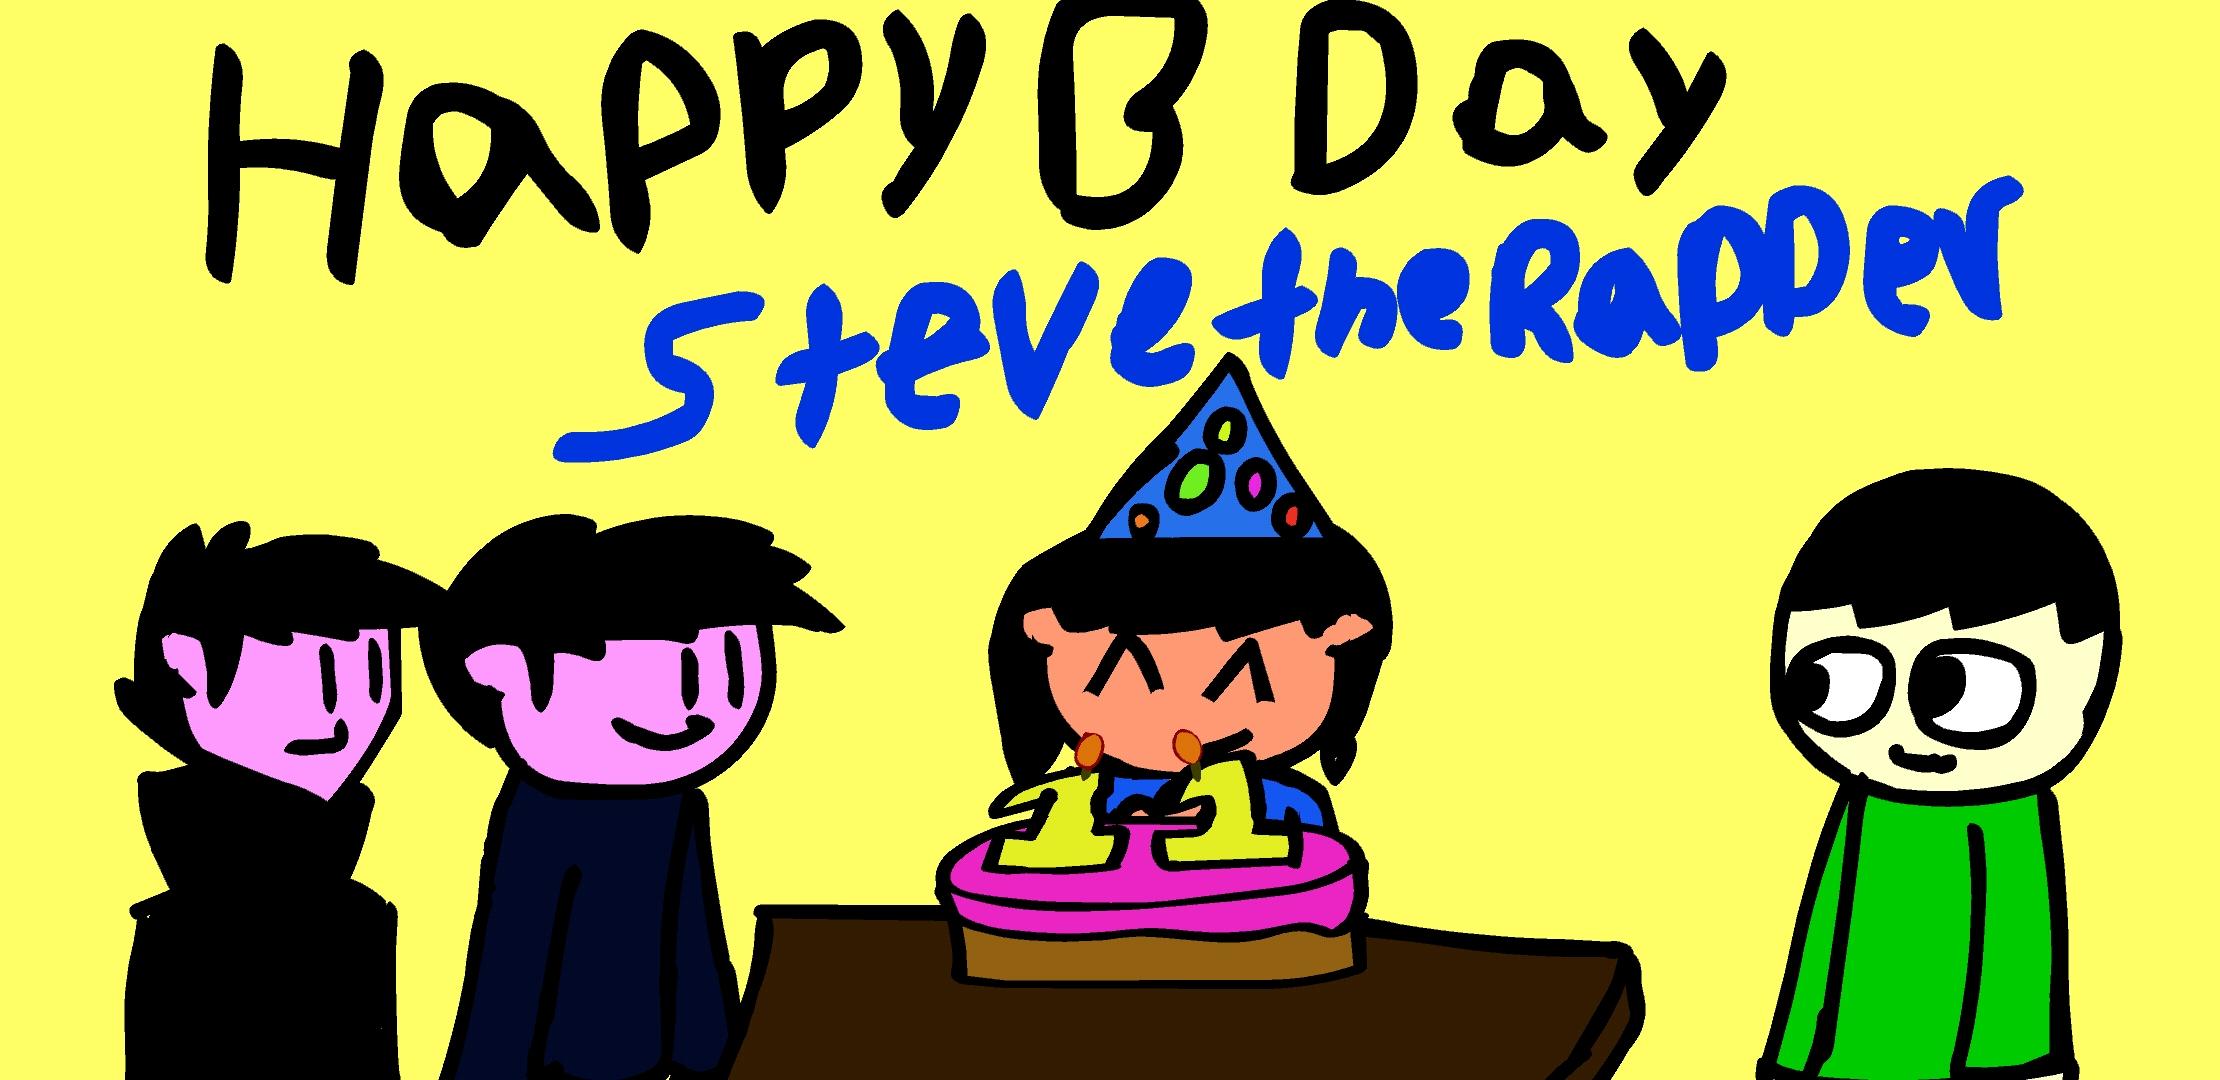 Happy birthday SteveTheRapper